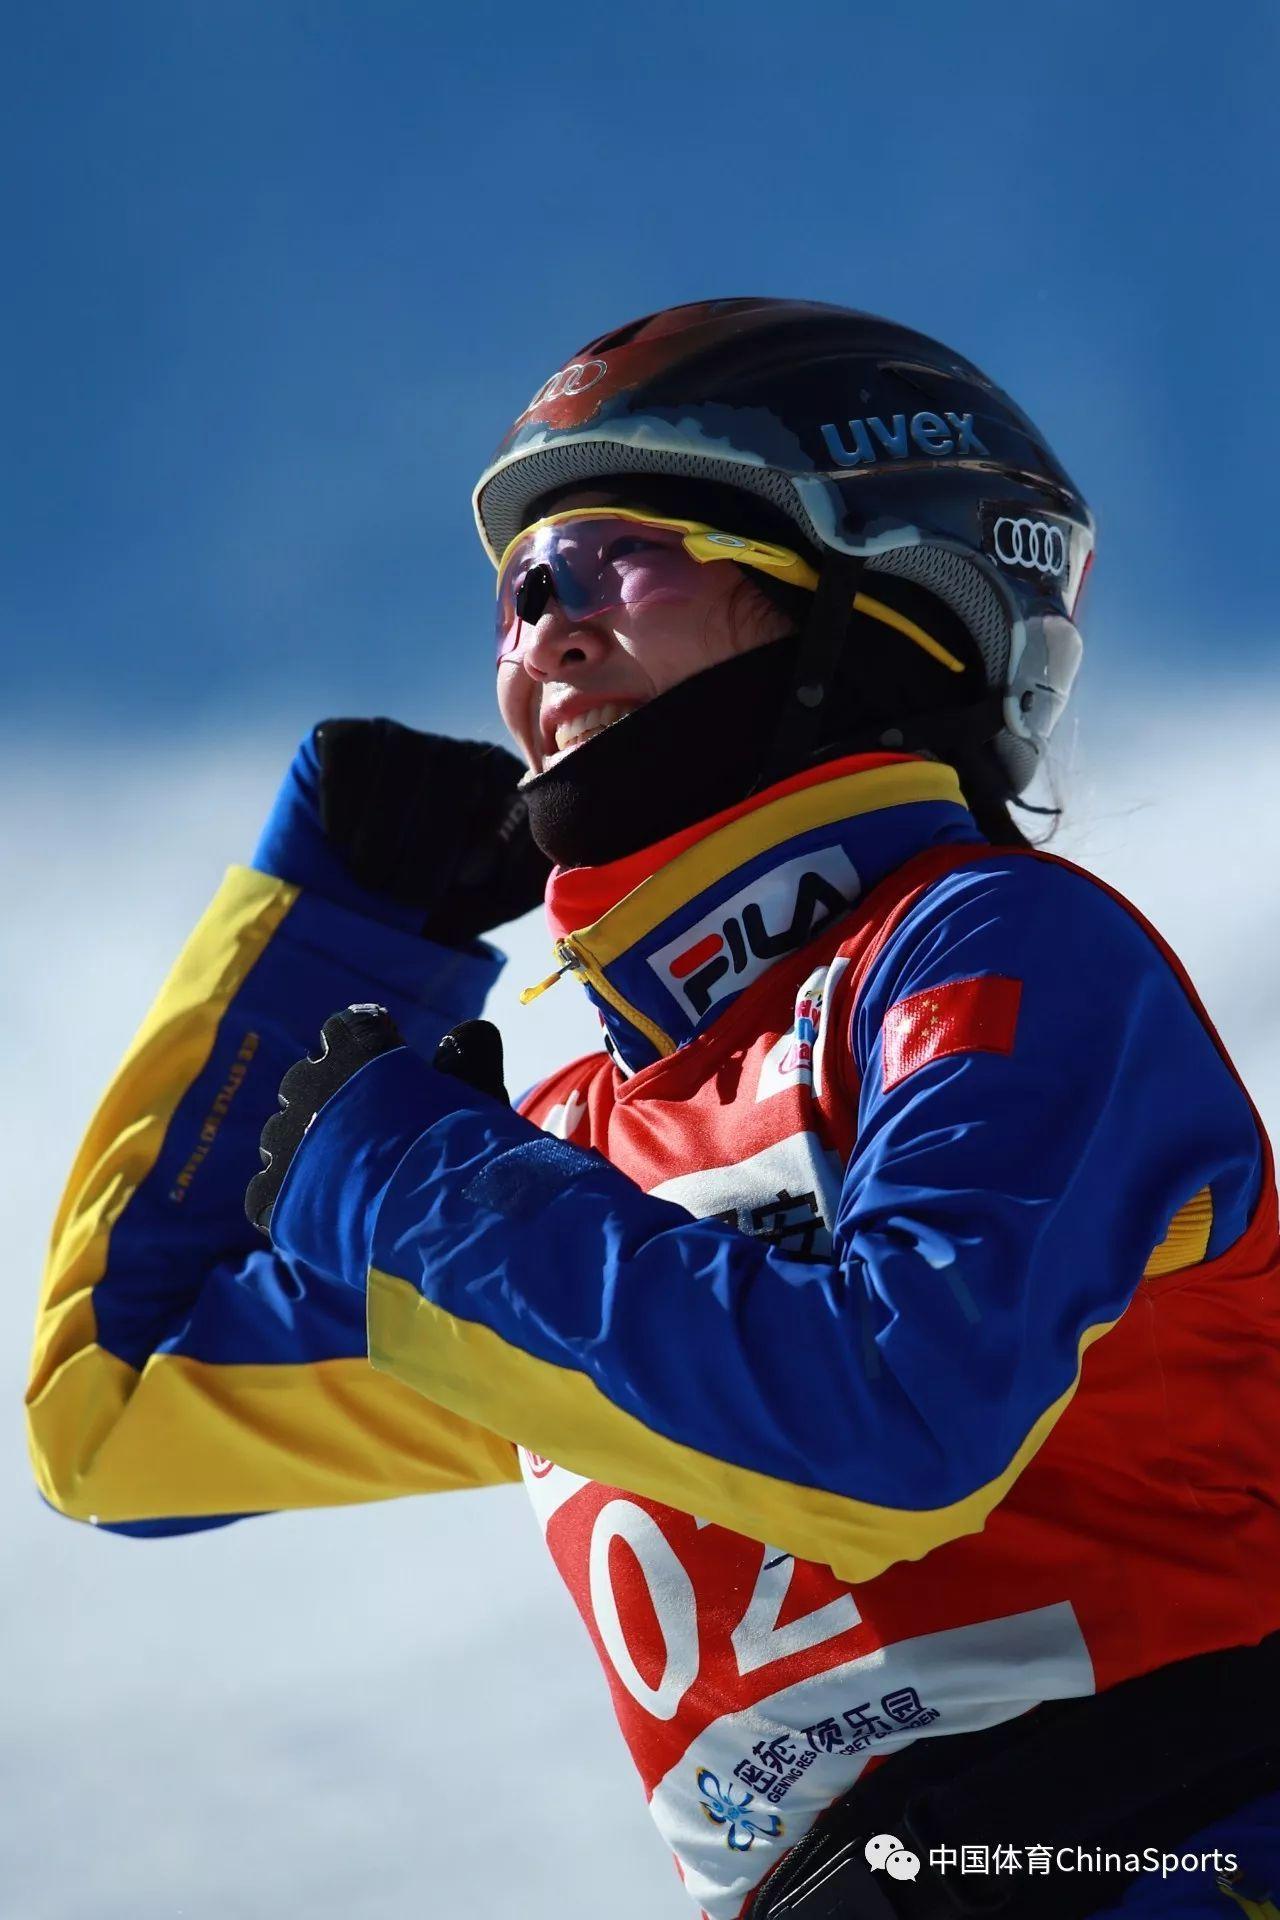 自由式滑雪空中技巧世界杯两站比赛收官